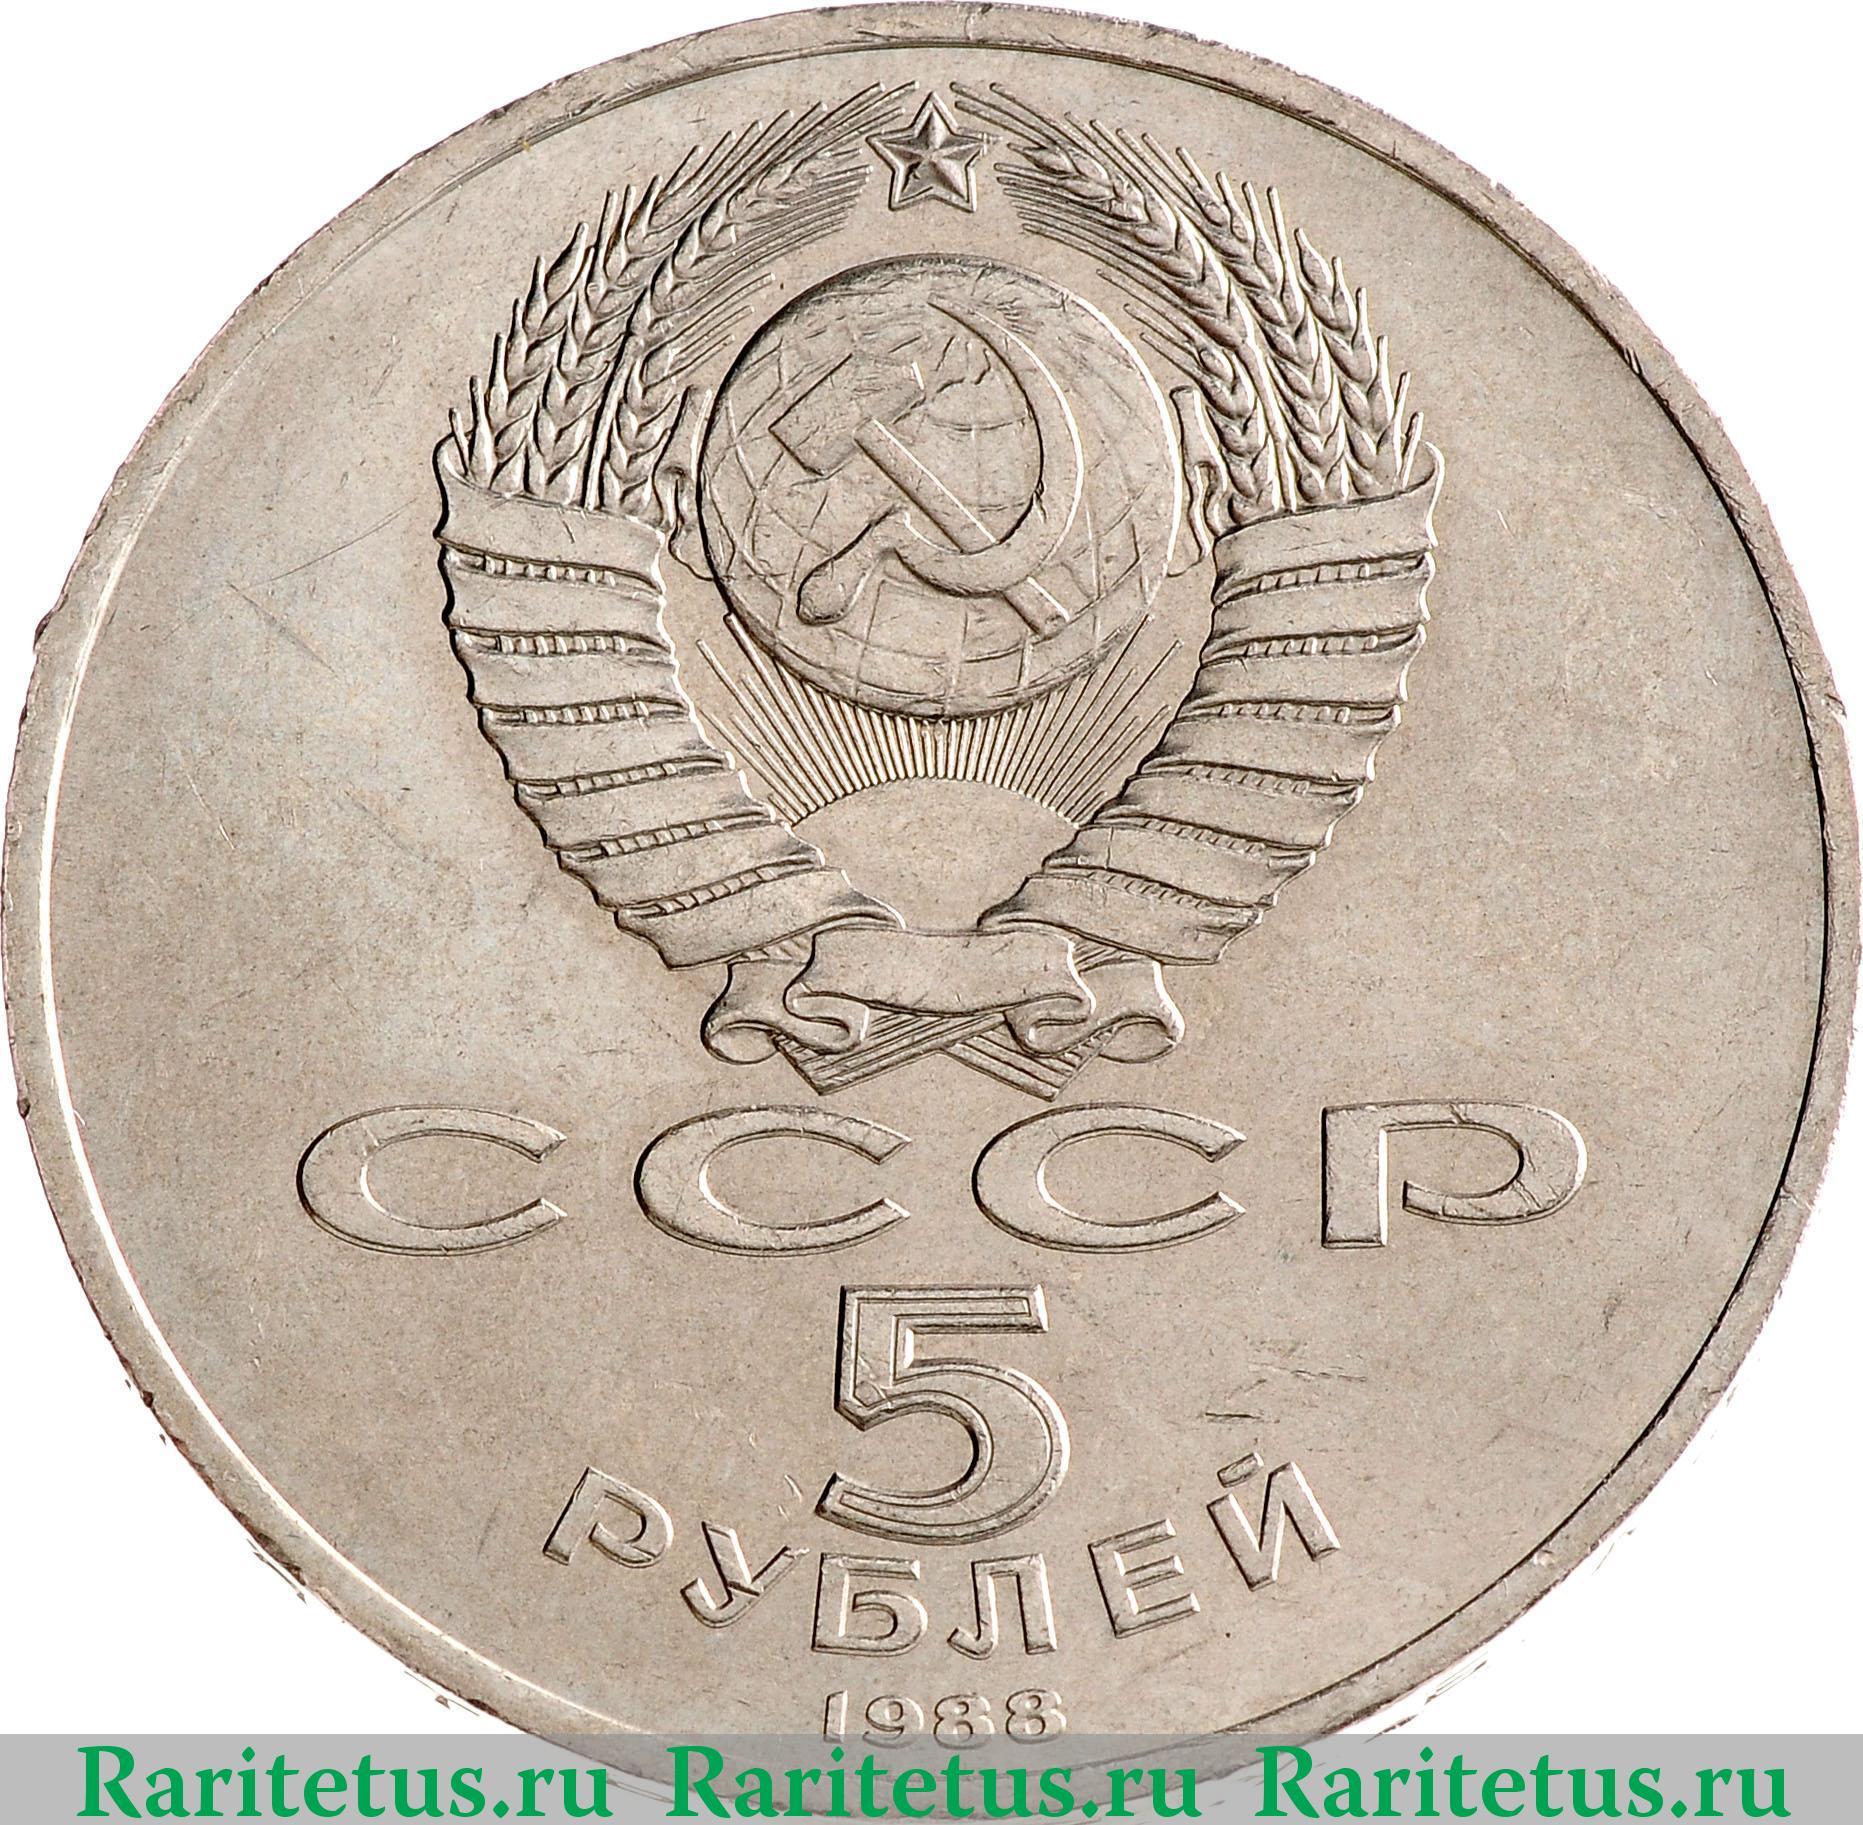 Все монеты 1988 года украина 50 копеек 2009 другой чекан